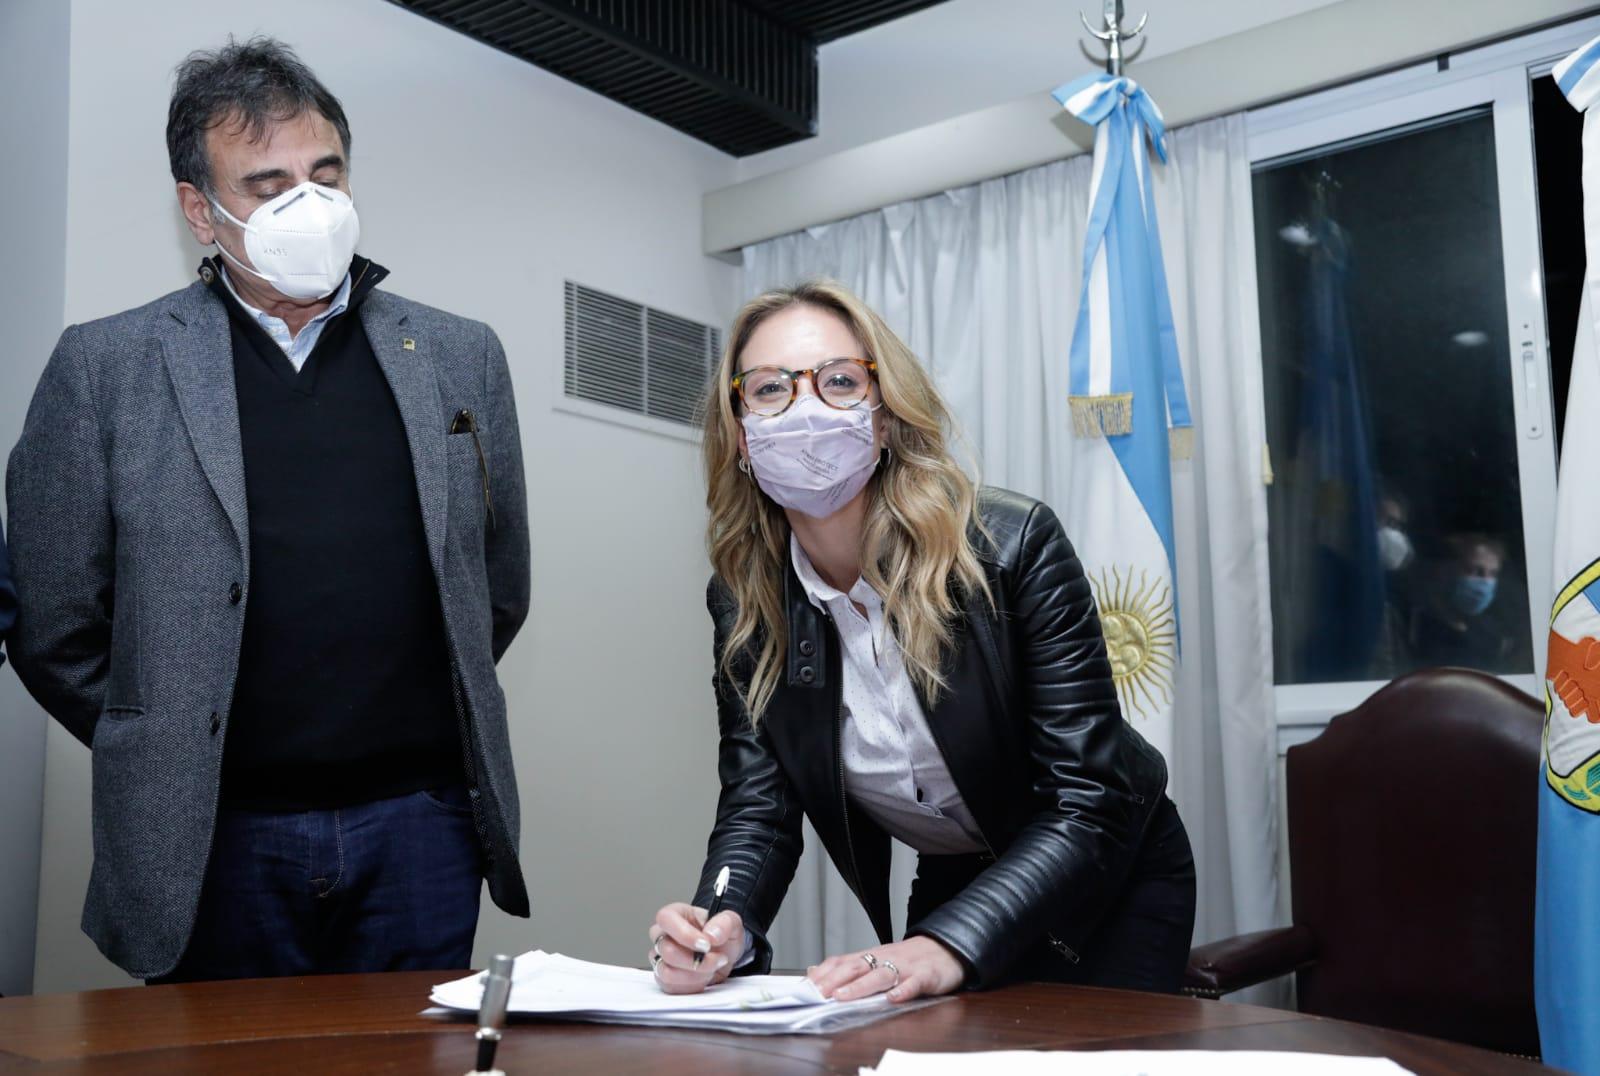 Elecciones: Maite Alvado, tras el cierre de listas en Bahía Blanca